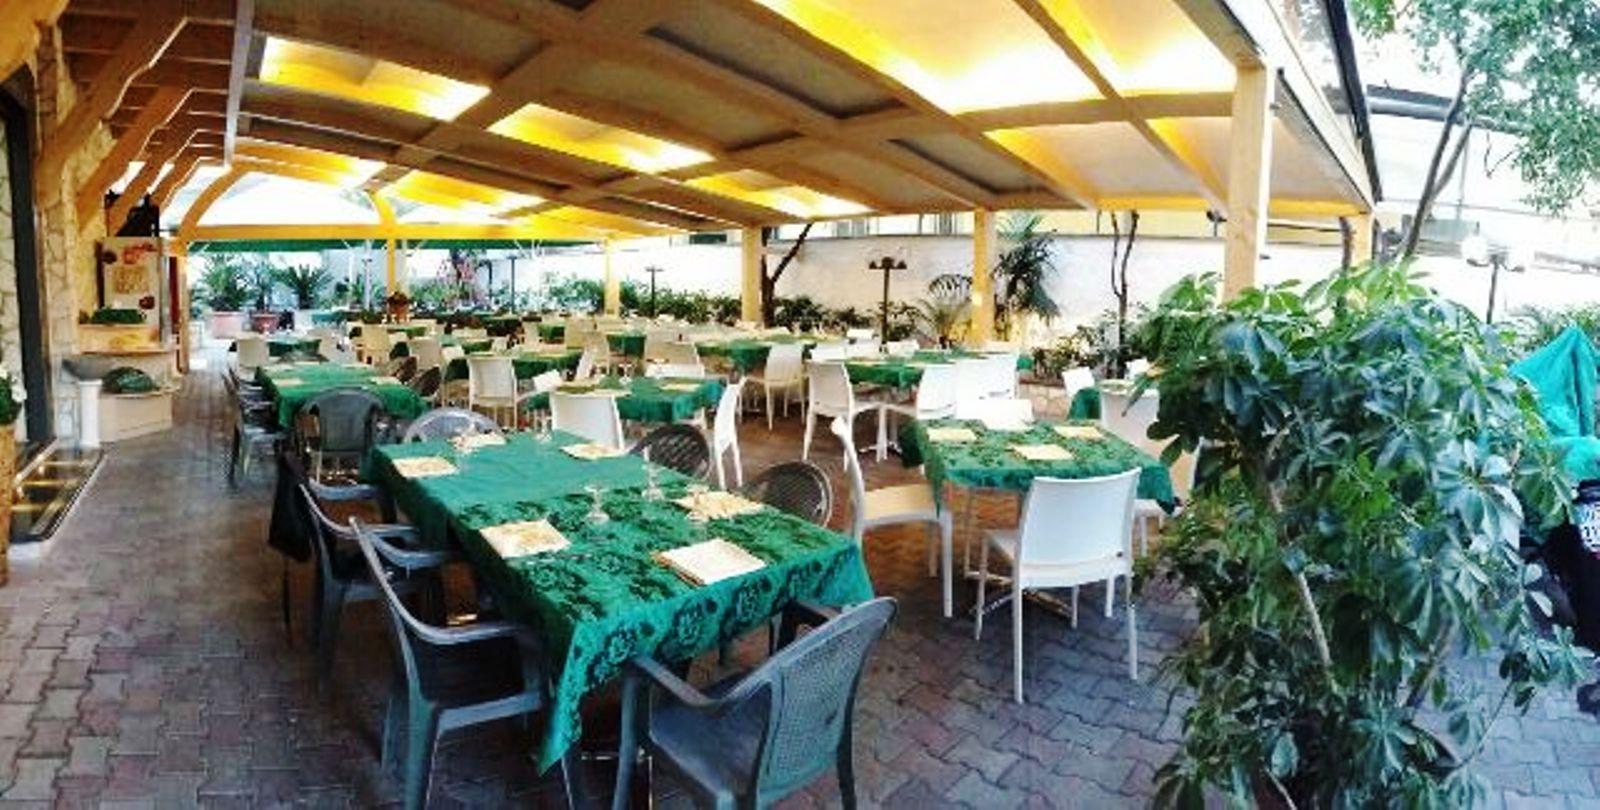 dei tavoli apparecchiati con tovaglie verdi all'esterno di un ristorante sotto una tettoia in legno